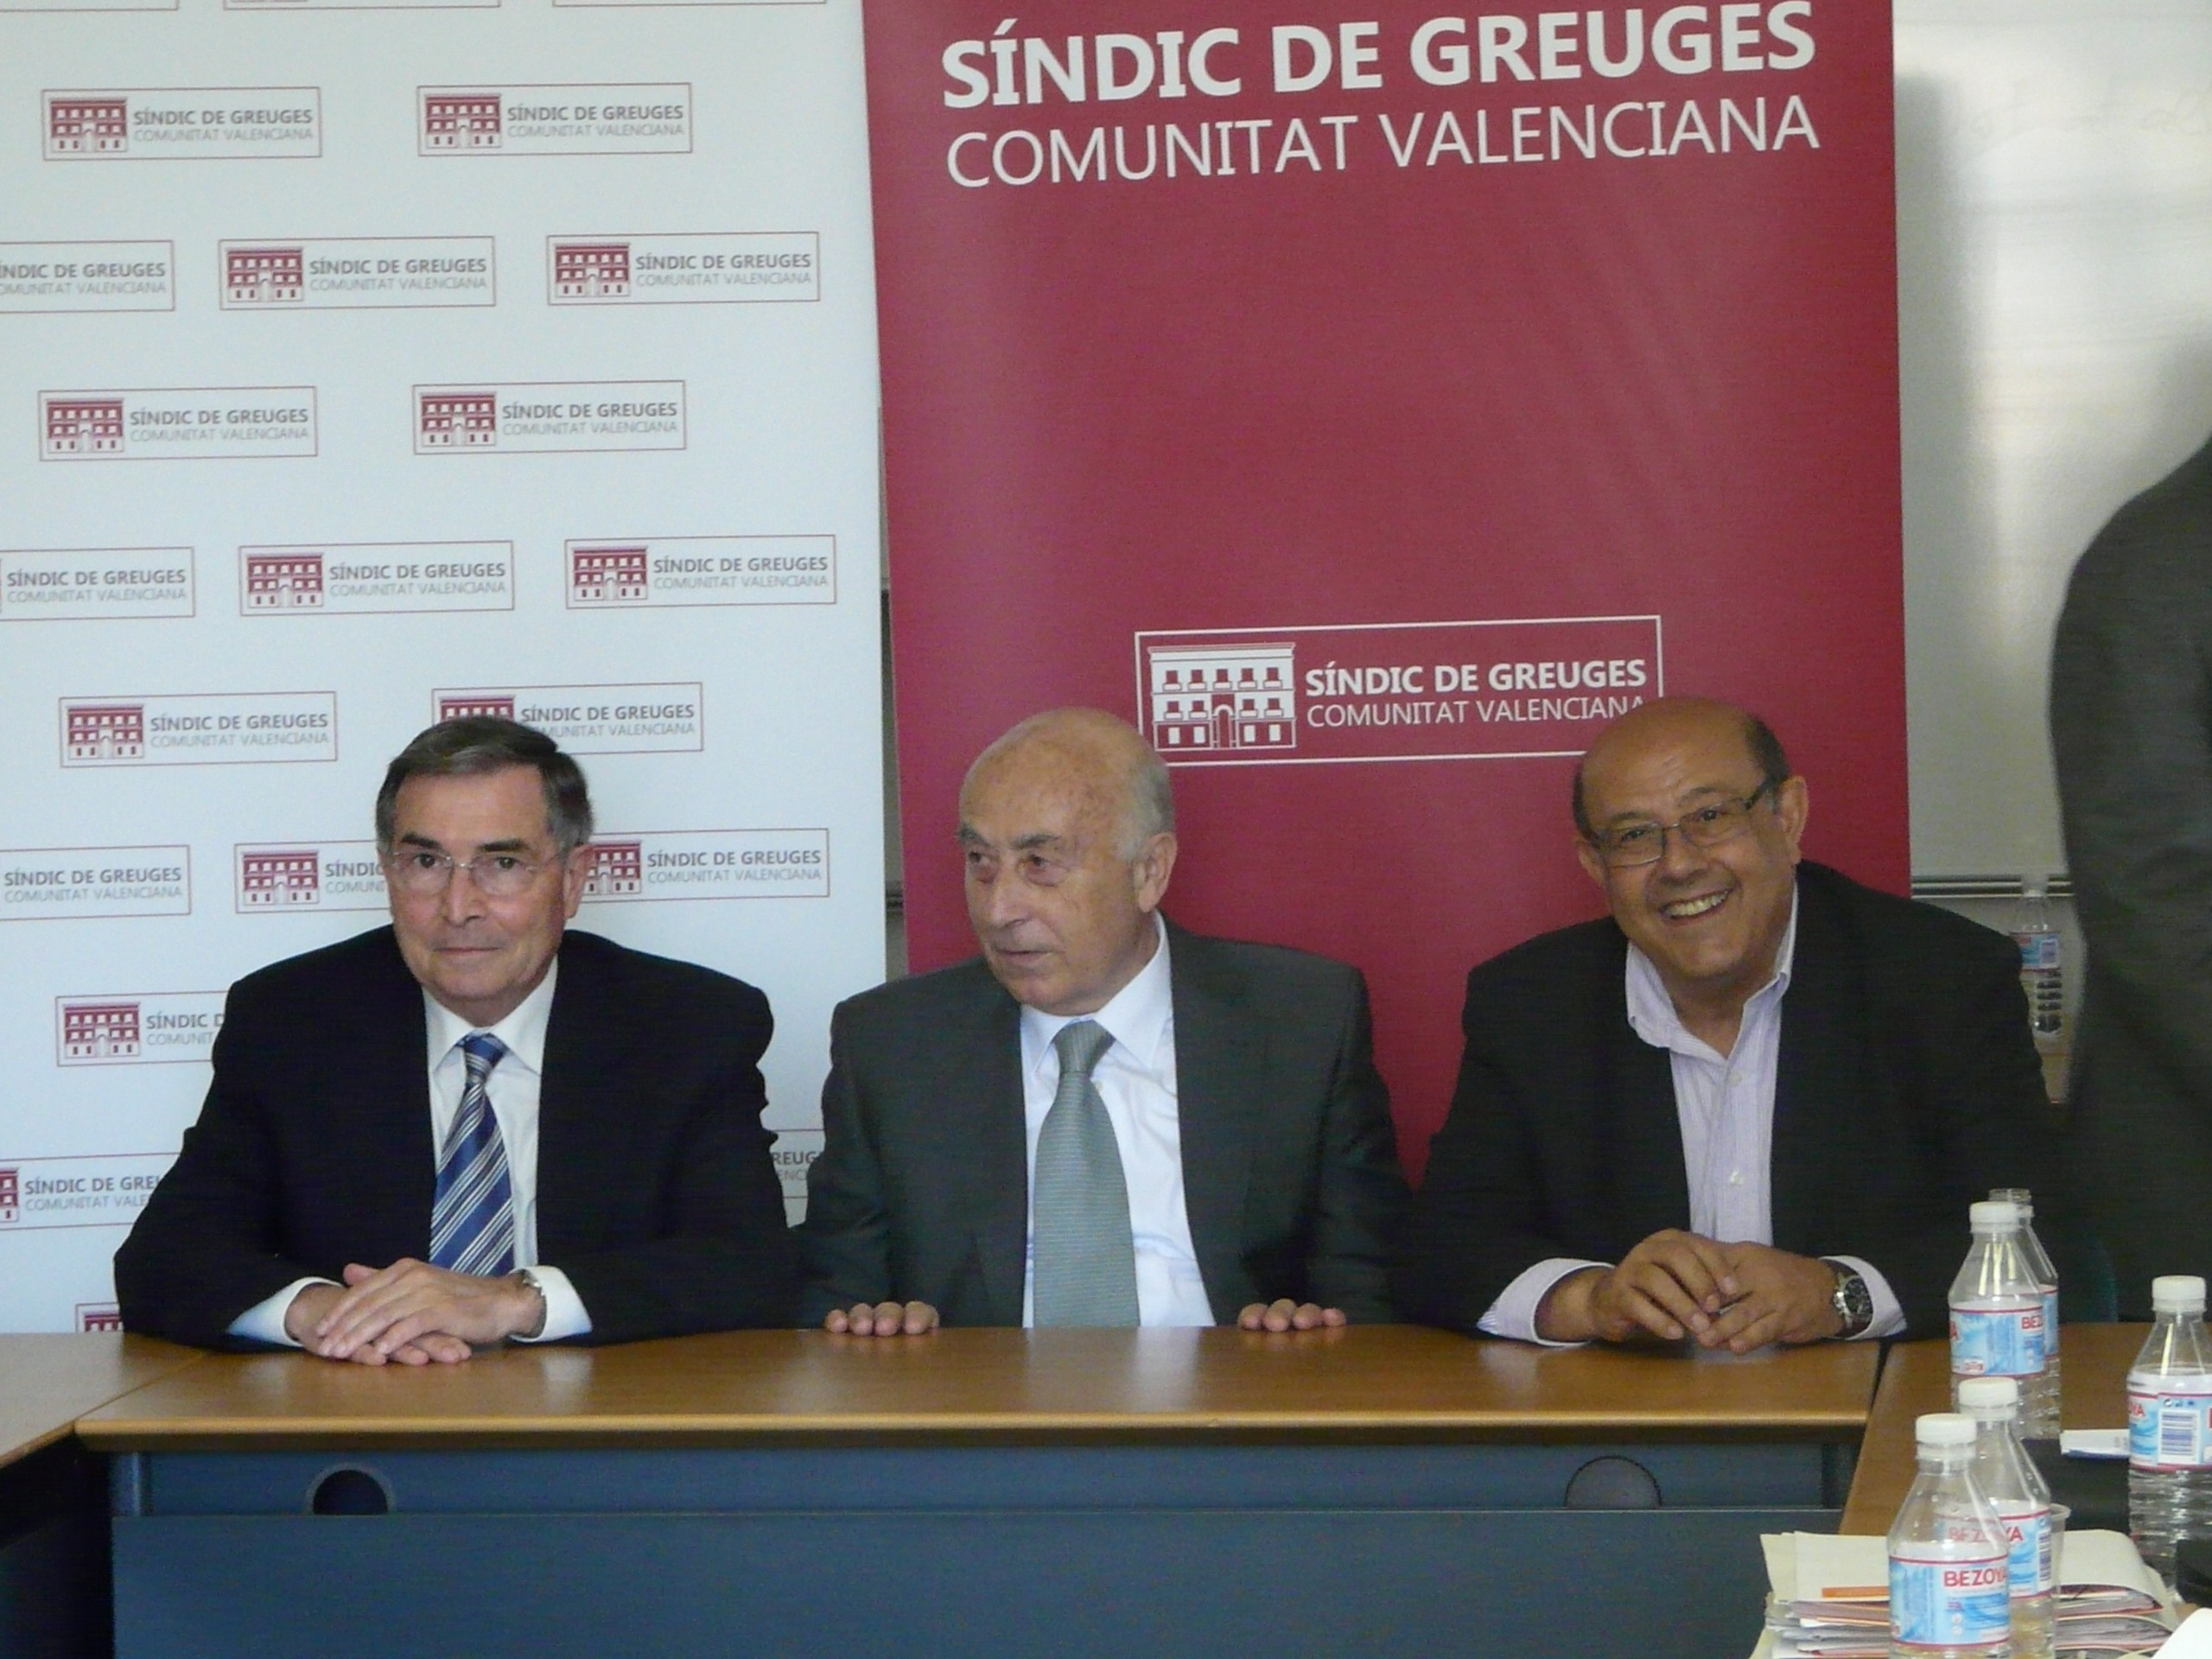 El síndic, el defensor de Murcia y el adjunto de la Defensora del Pueblo clausuran el taller sobre la situación de dependencia de las personas mayores en Alicante